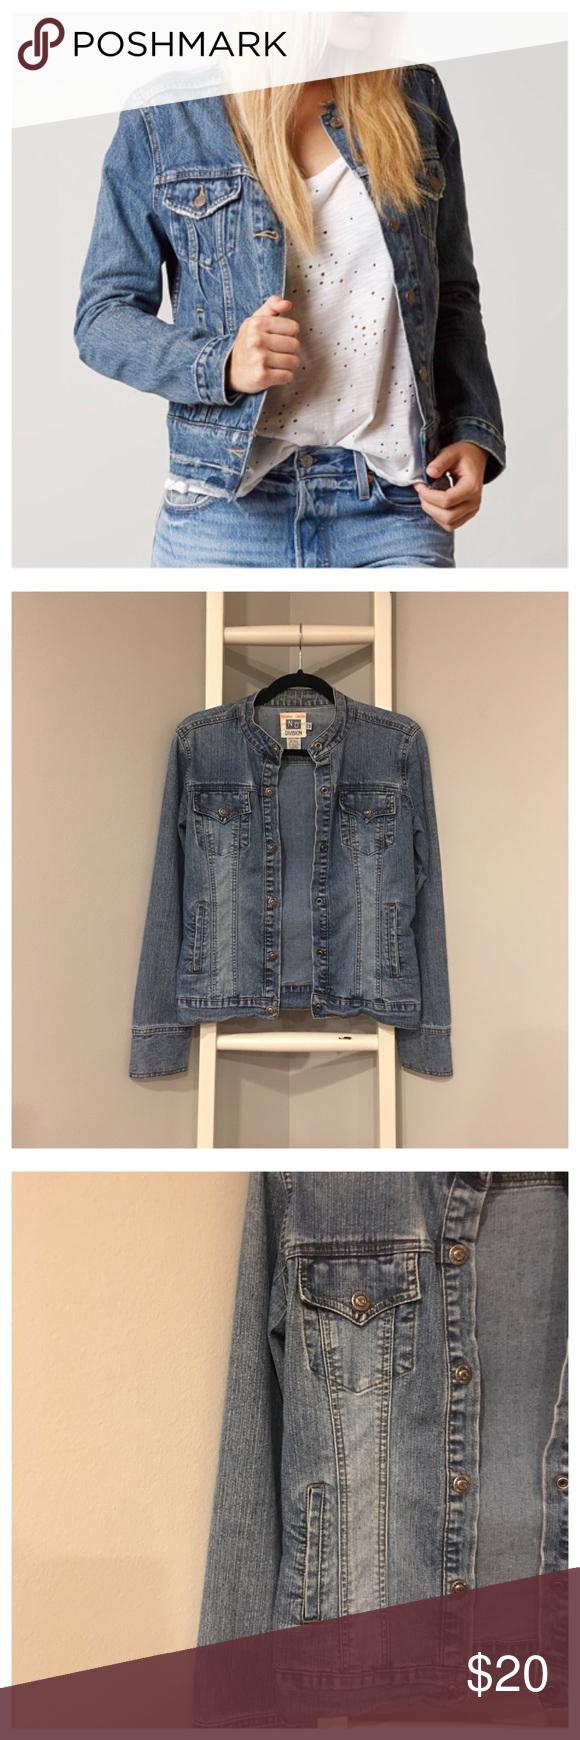 Nikki S Denim Collarless Blue Jean Jacket M S Blue Jean Jacket Jackets Clothes Design [ 1740 x 580 Pixel ]